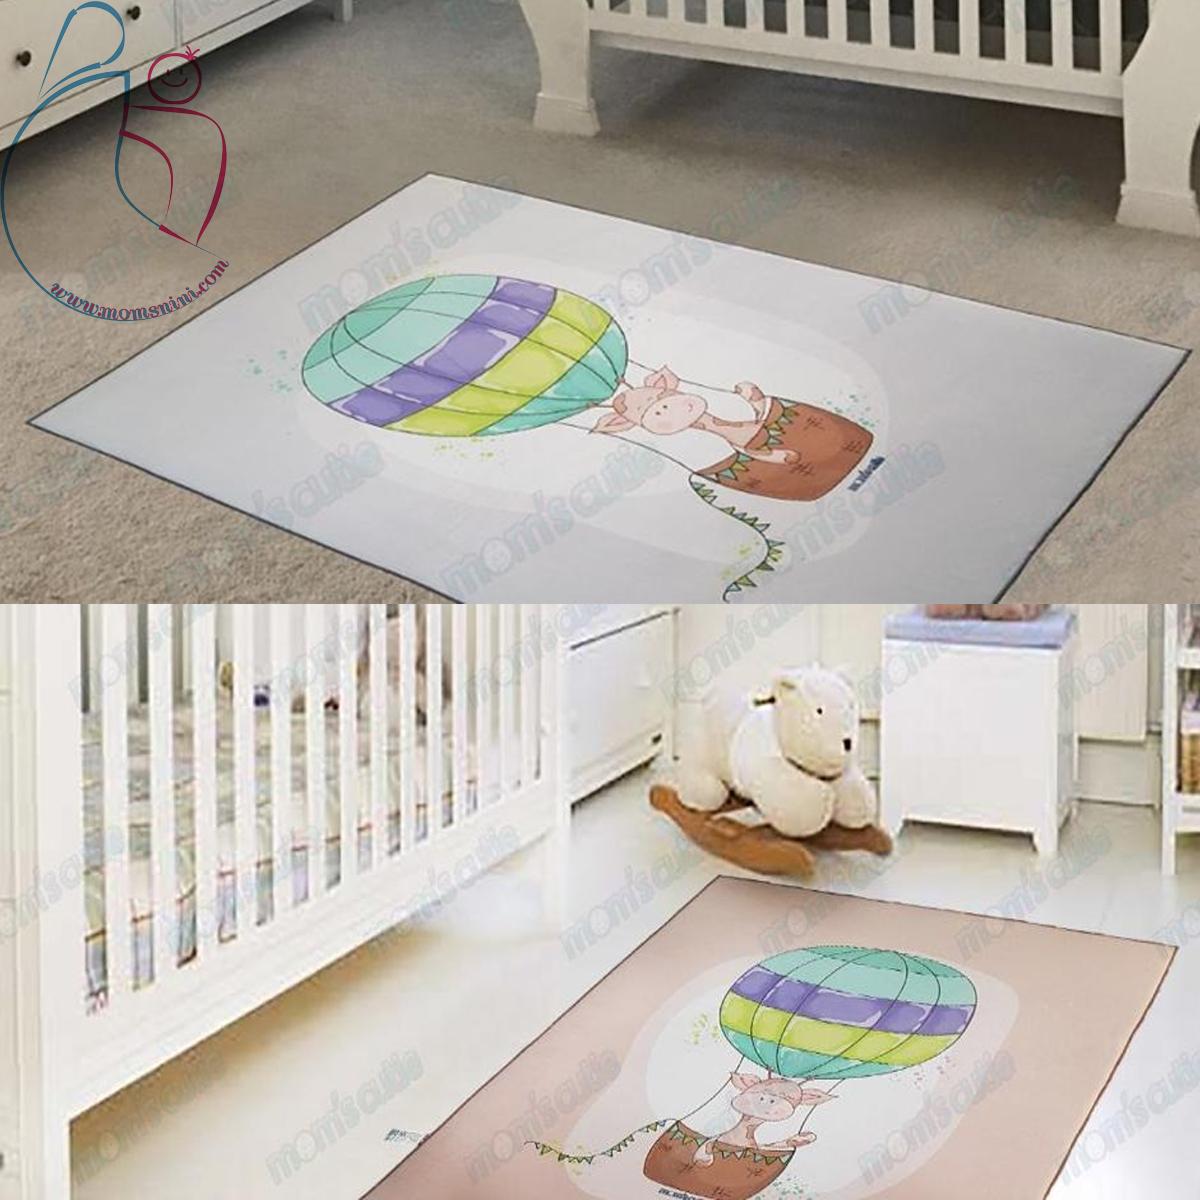 فرش اتاق کودک مامزکیوتی طرح زرافه و بالن